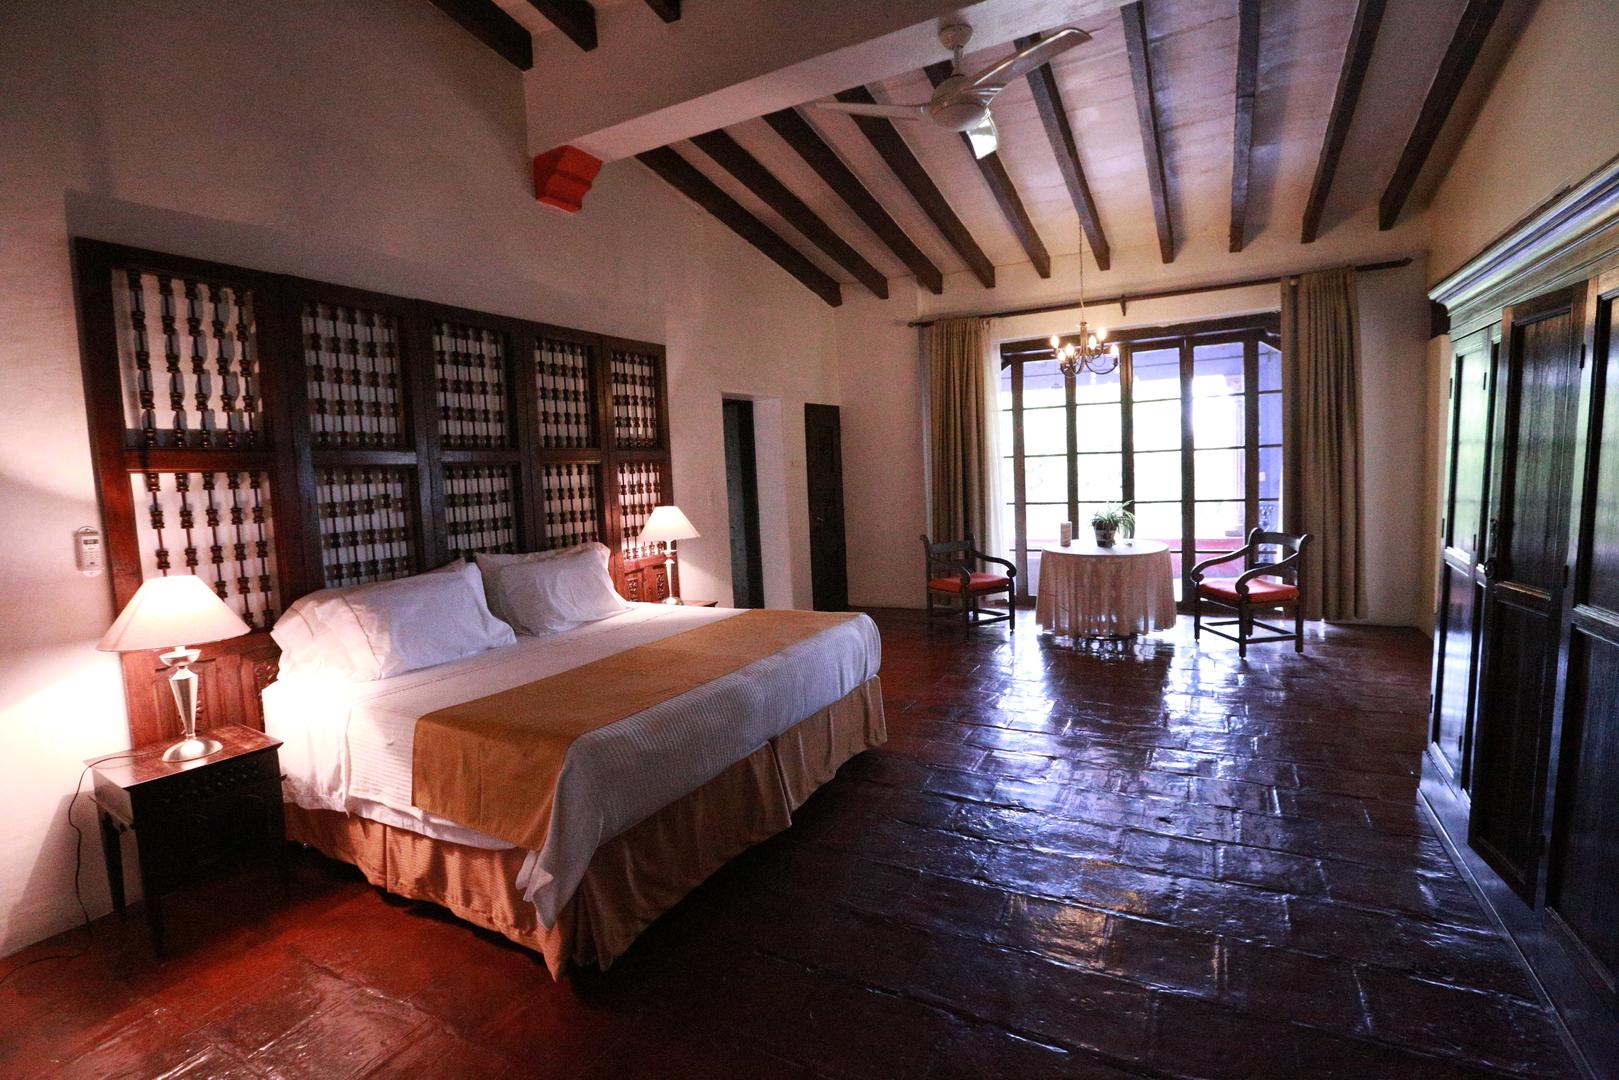 Fotos Cannon Cvca hotel y aca 488